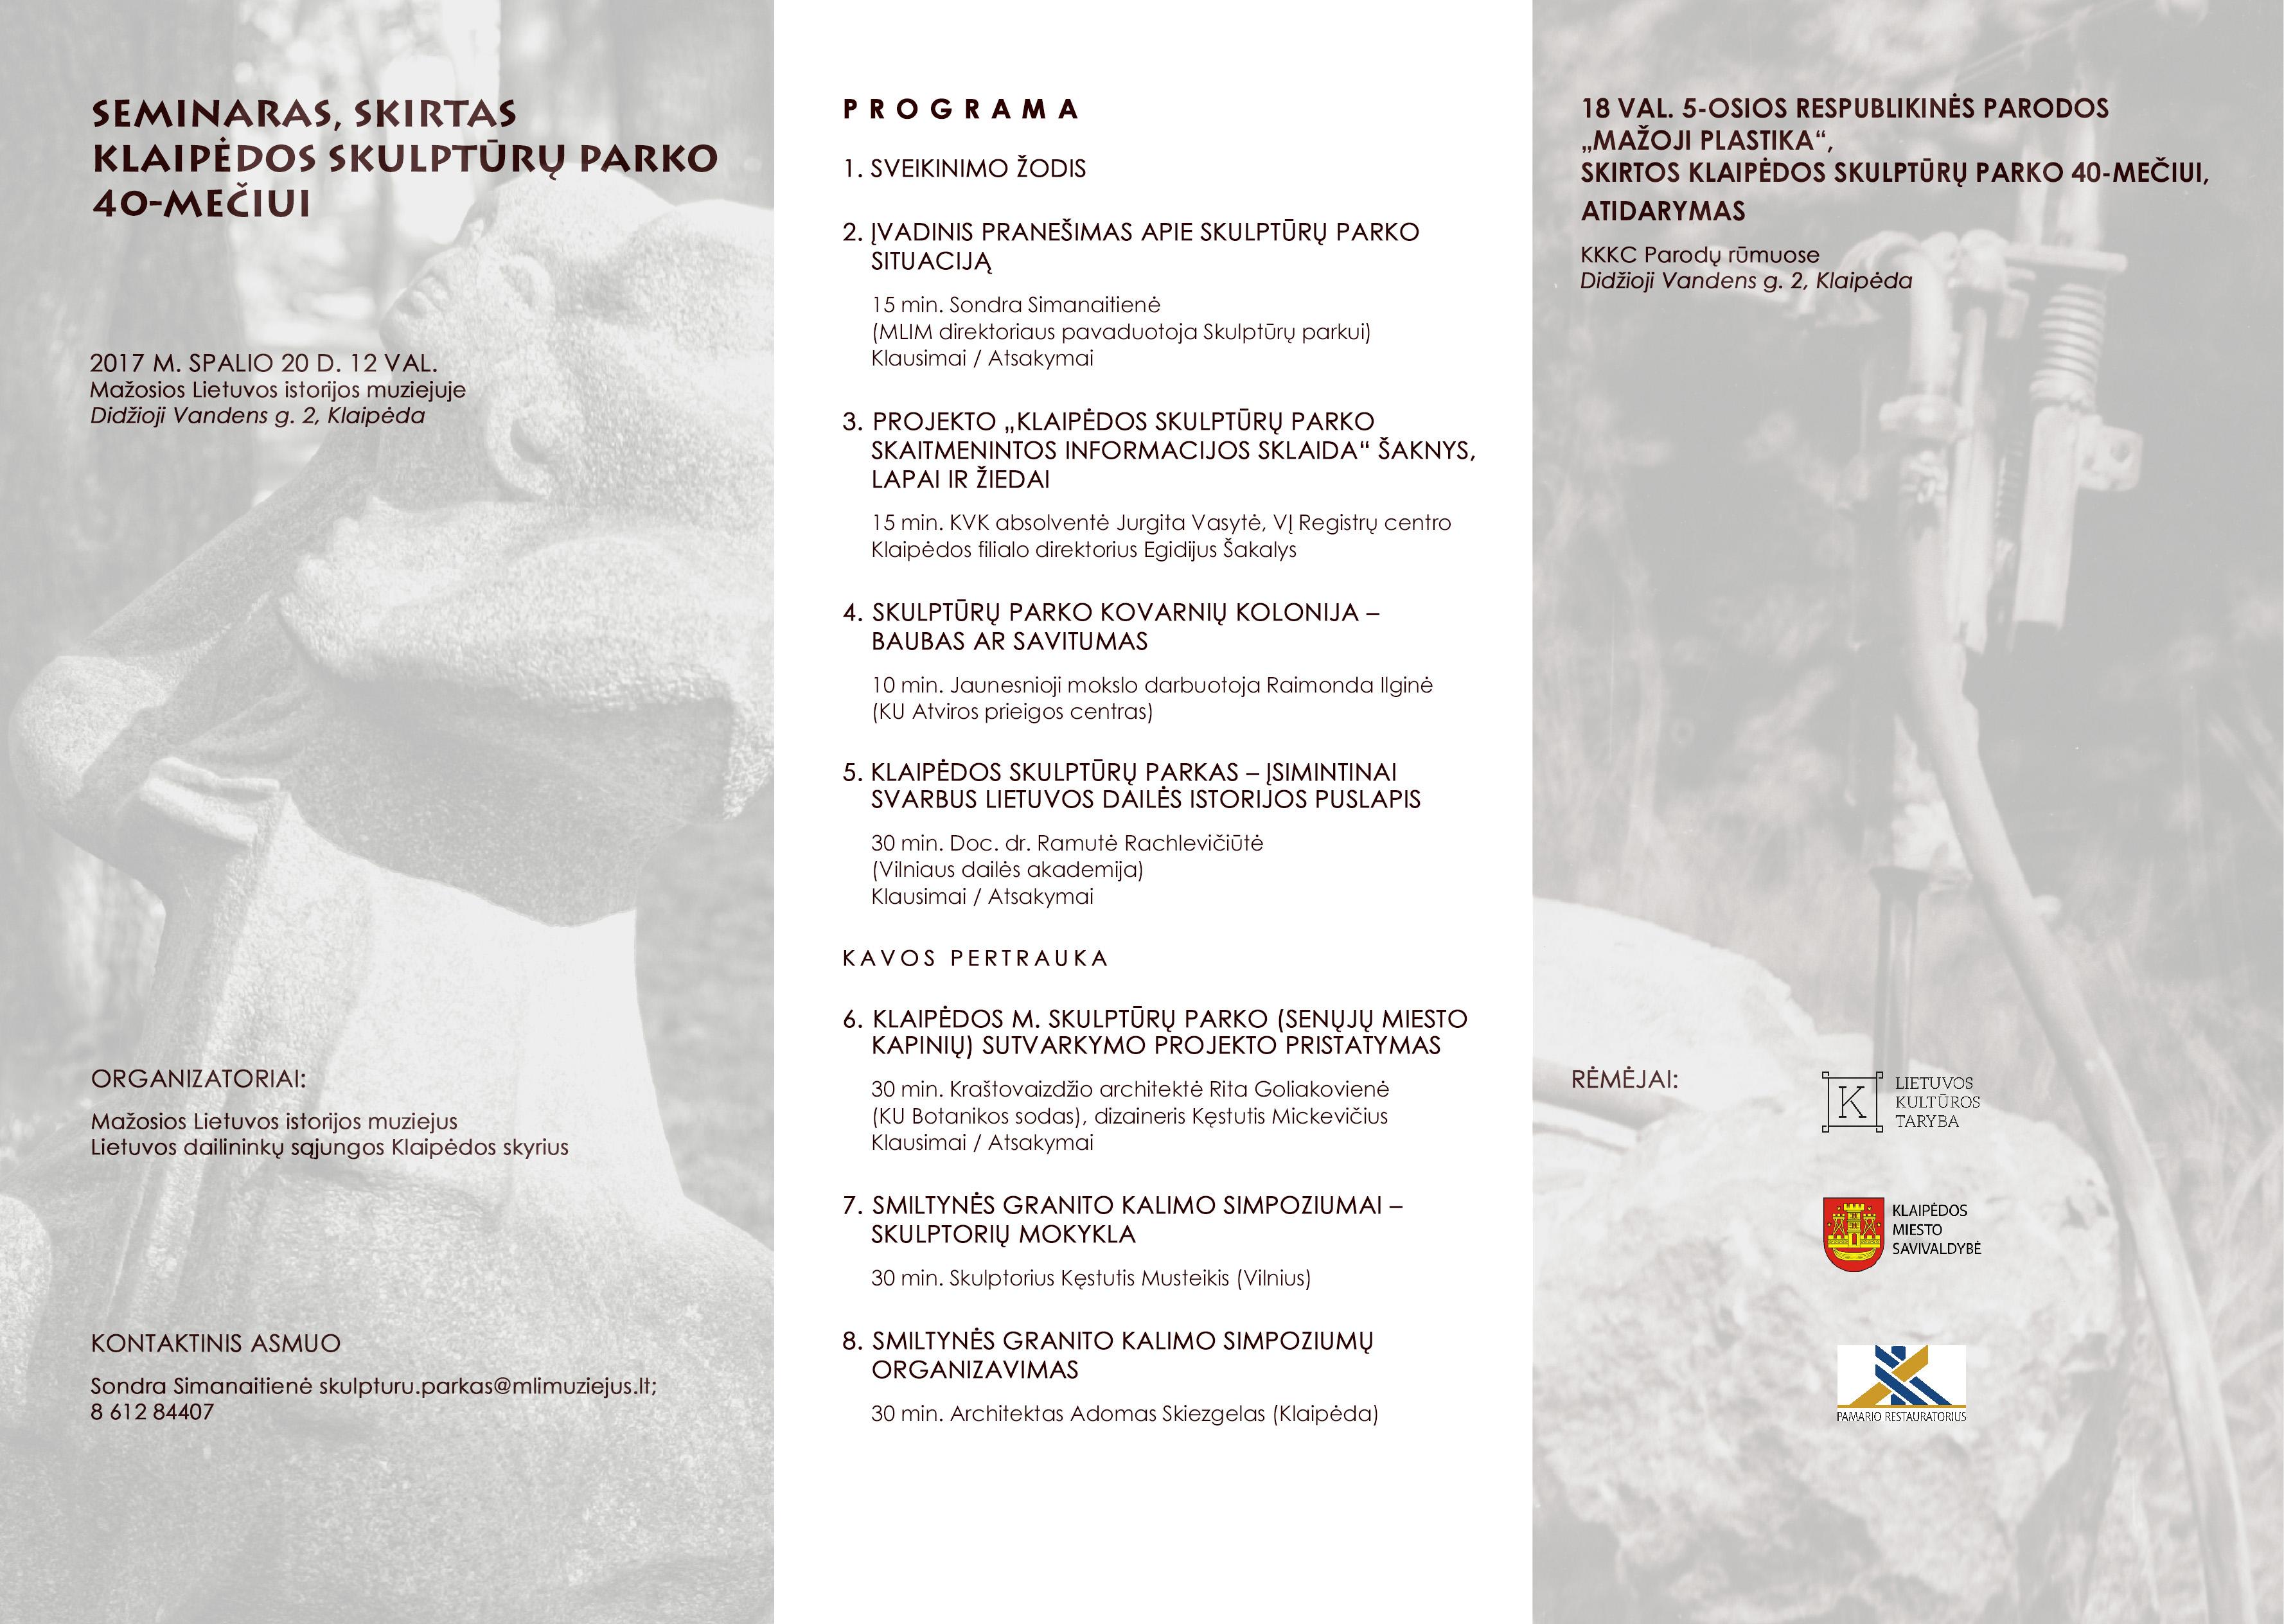 Seminaro programa. Klaipėdos skulptūrų parkas   Mažosios Lietuvos istorijos muziejaus nuotr.